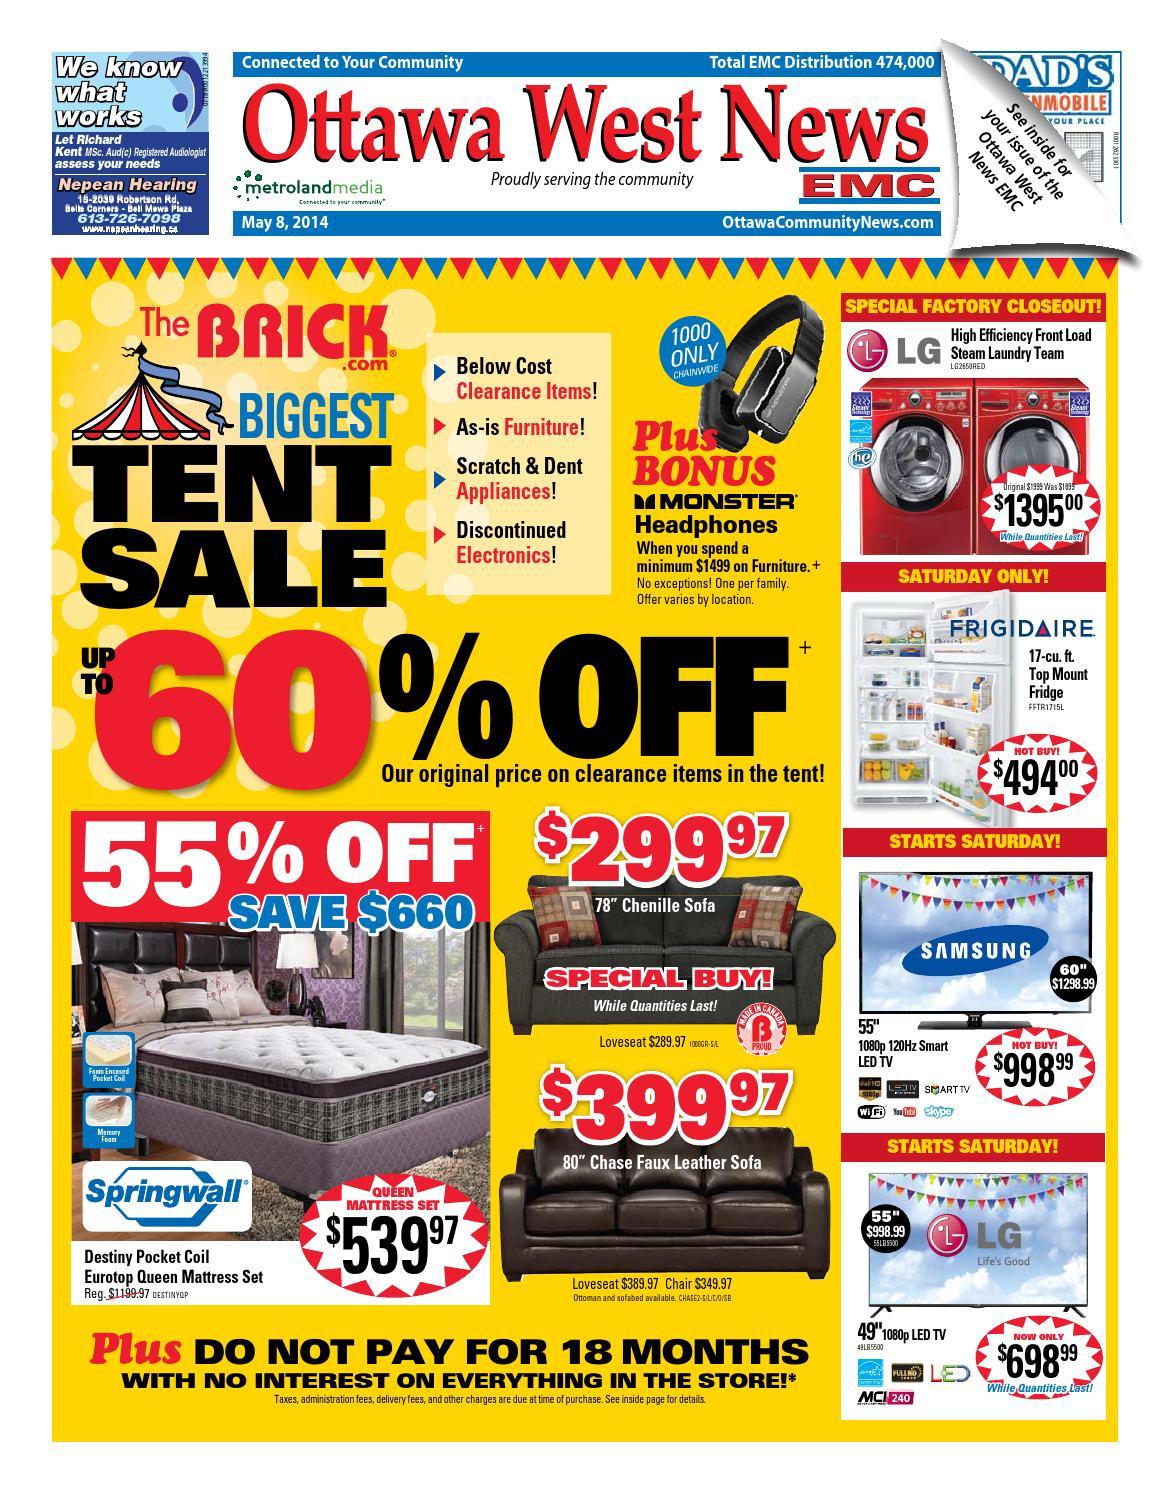 Ottawawest050814 by Metroland East - Ottawa West News - issuu on